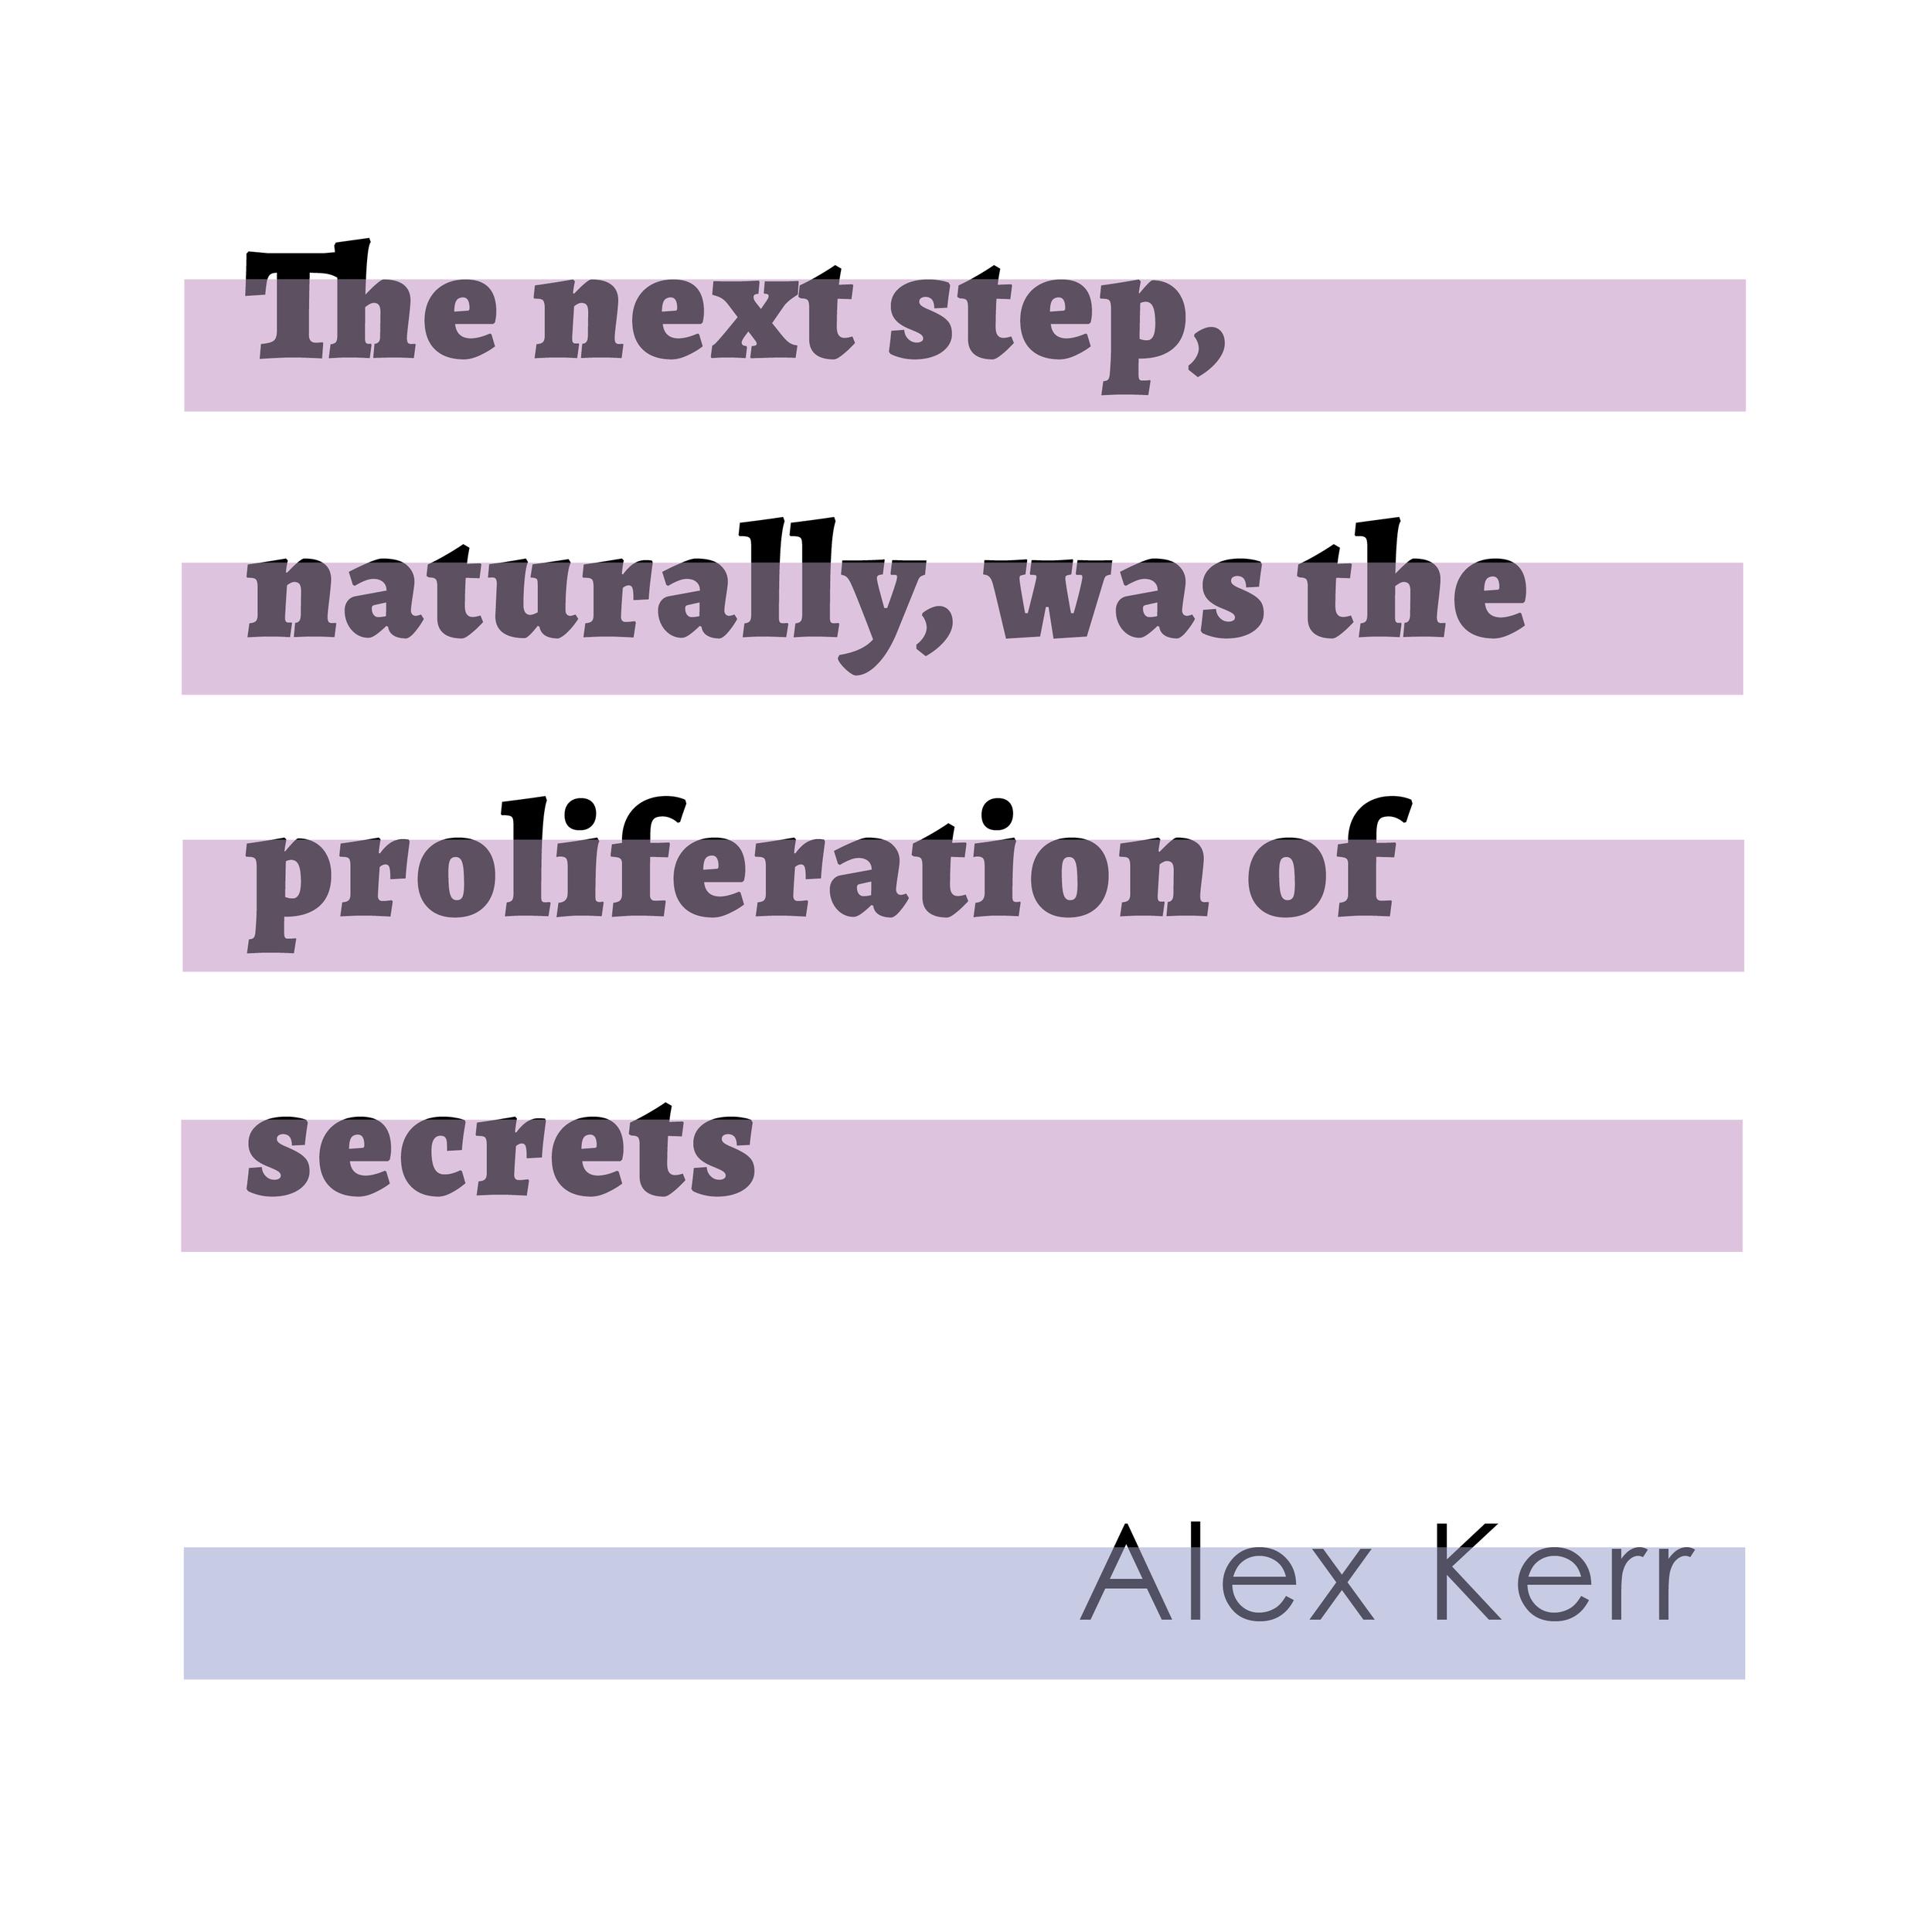 2019.06.04 Alex Kerr.png